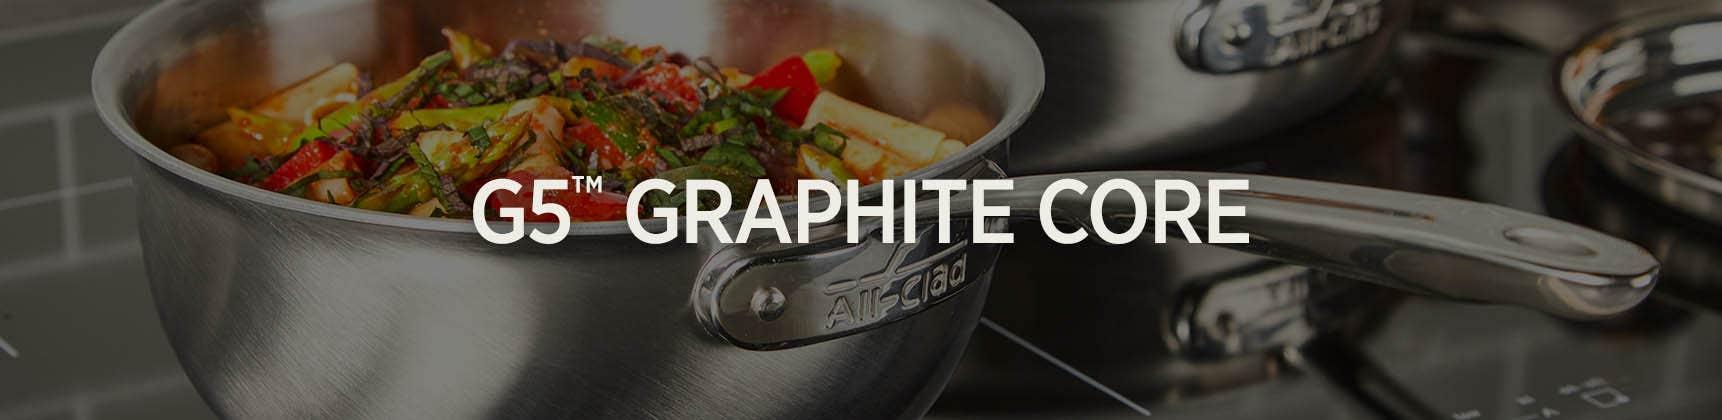 G5™ GRAPHITE CORE